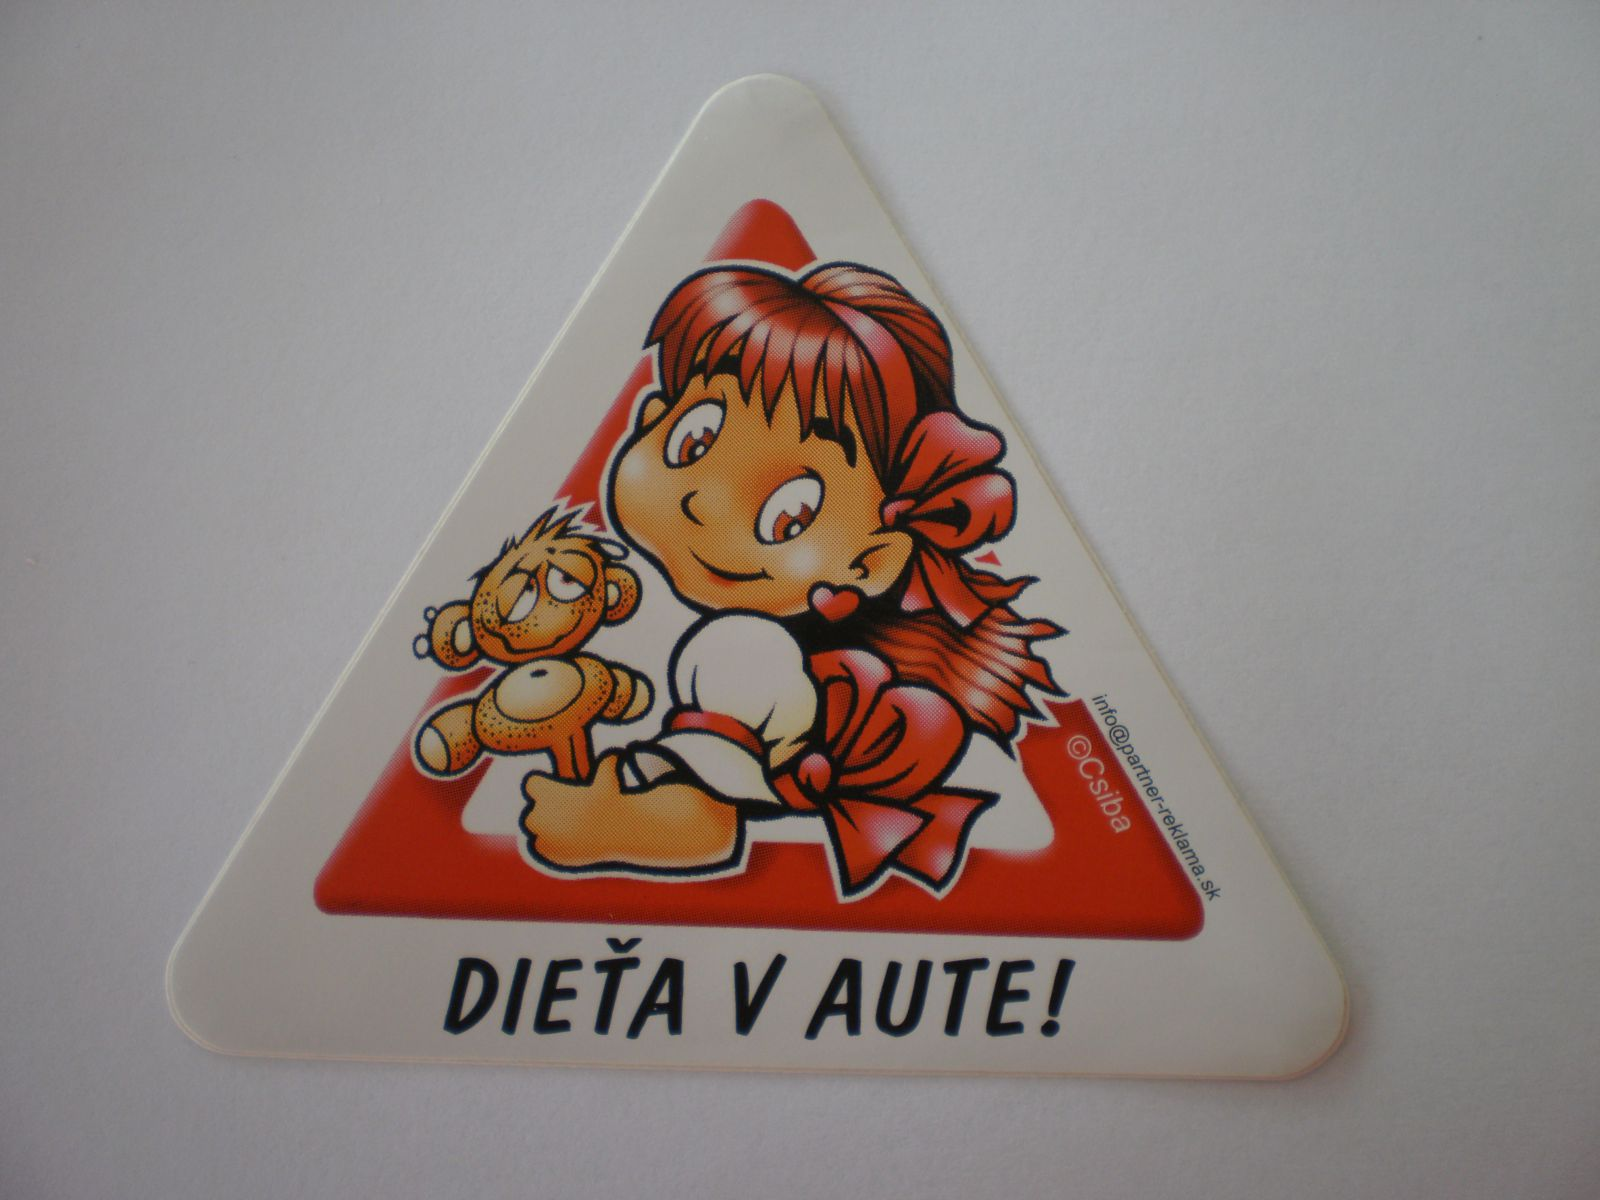 /produkty/199/vankuse-penazenky-ostatne/Ostatni/Dieta-v-aute